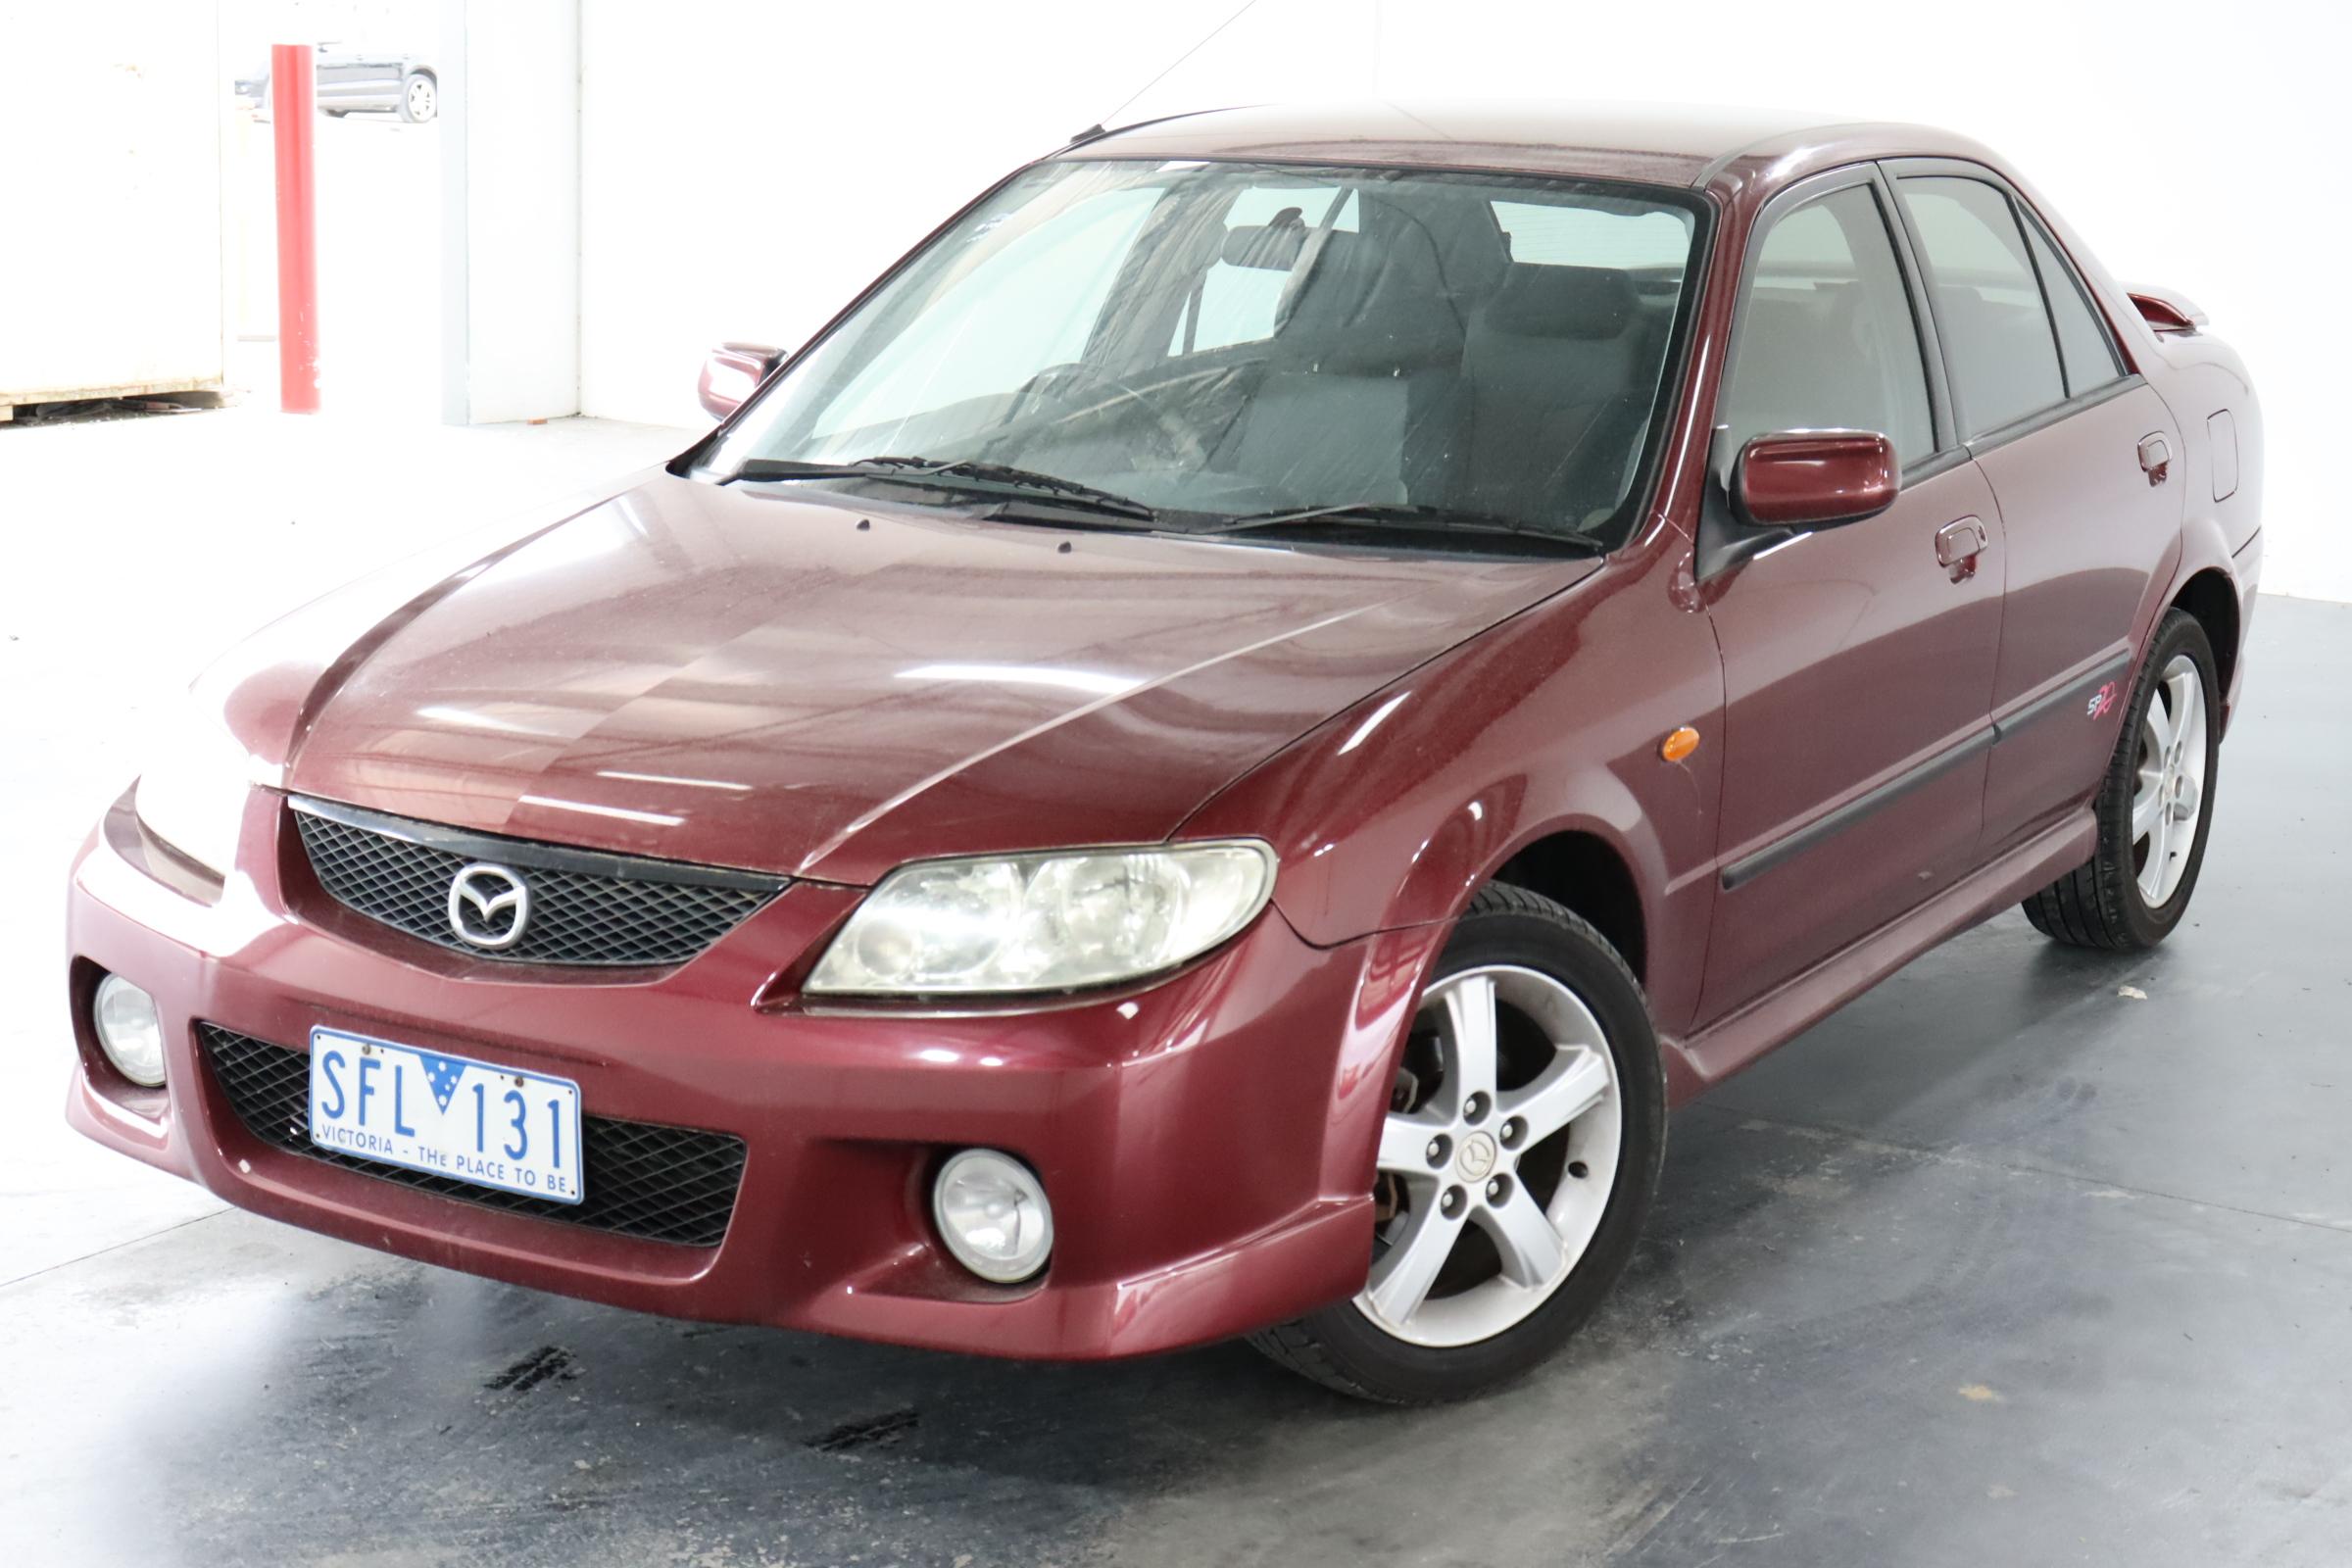 2003 Mazda 323 PROTEGE SP20 BJ Automatic Sedan